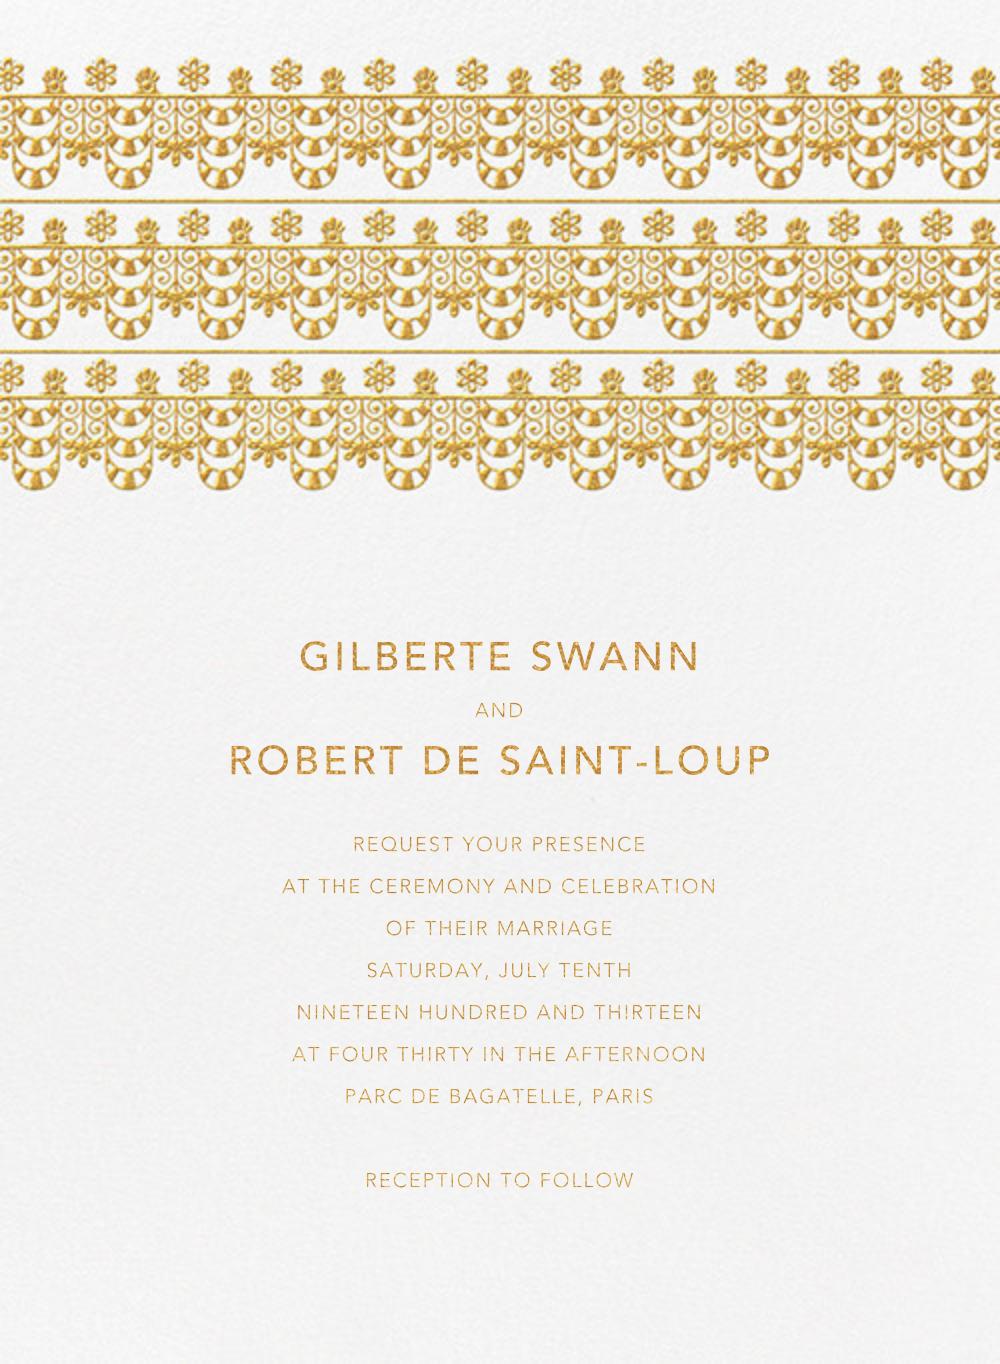 Van Alen Scallop I (Invitation) - Oscar de la Renta - All